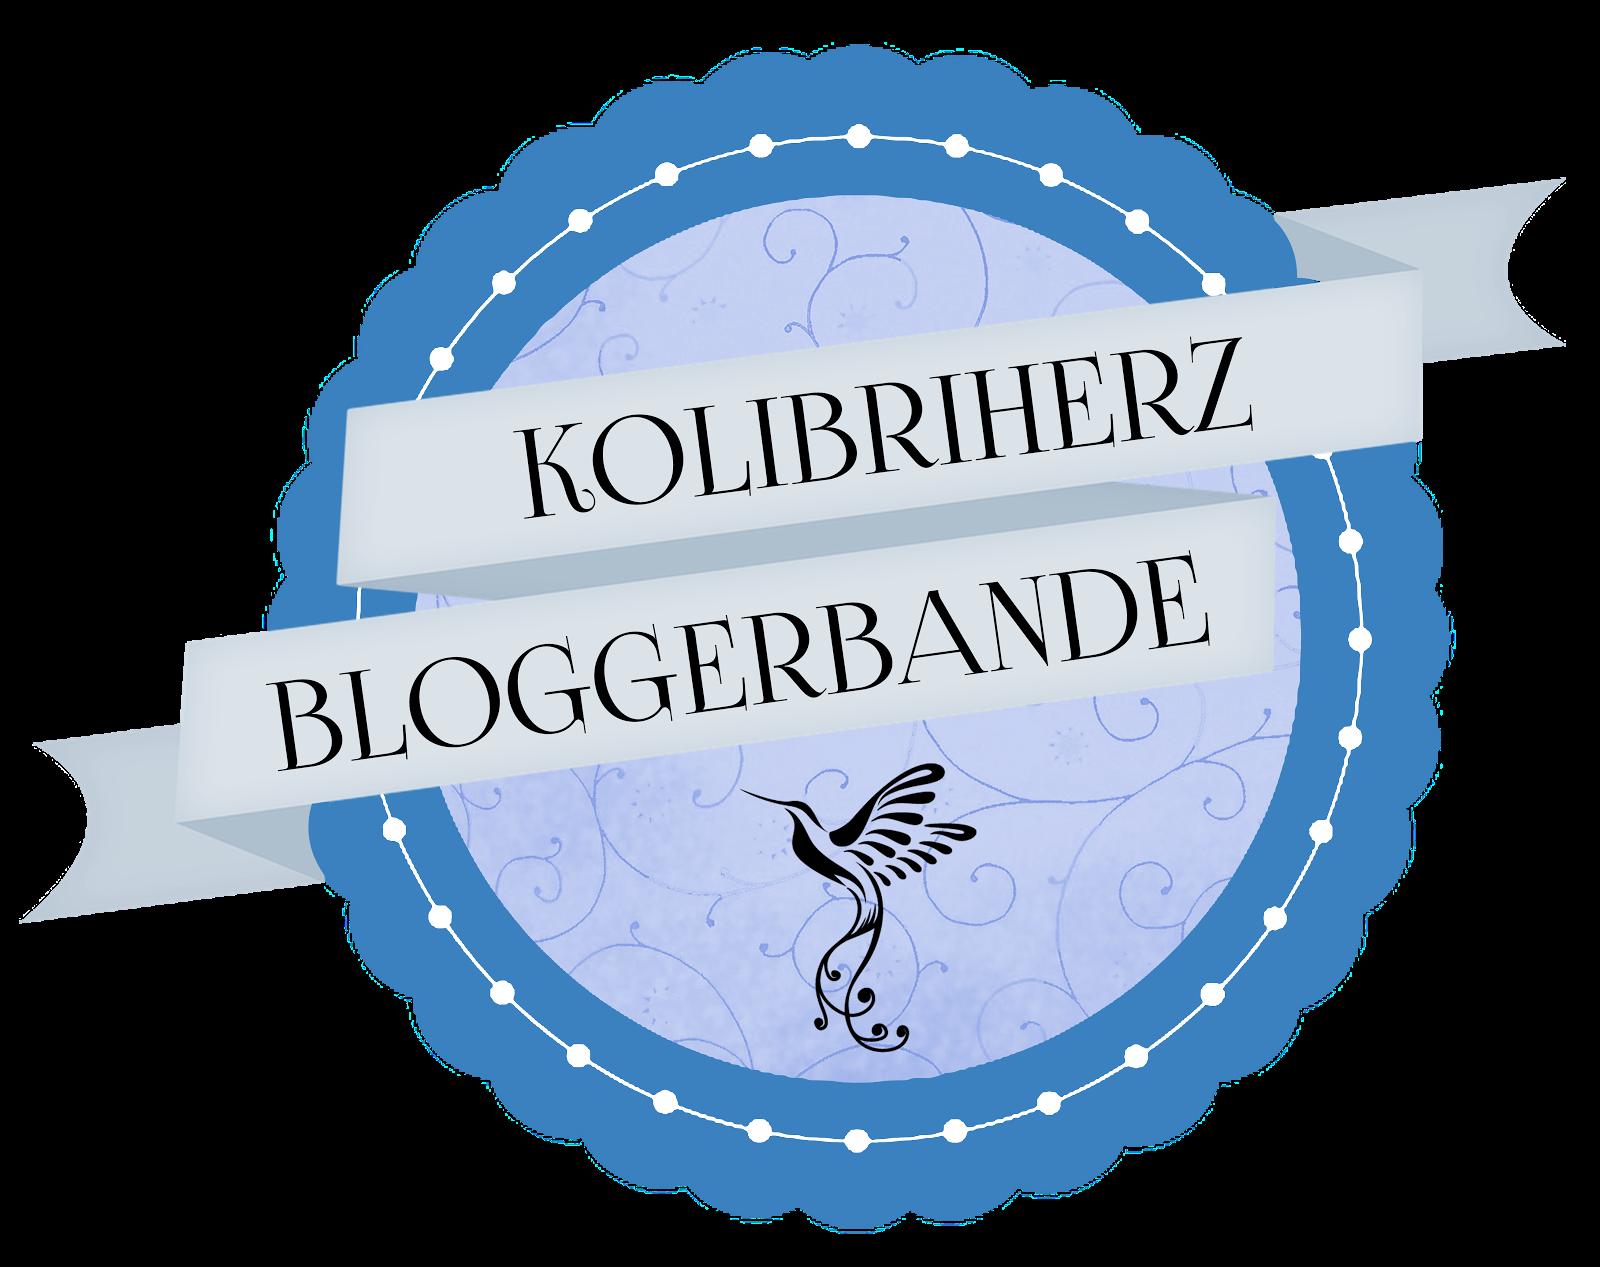 Bloggerin von Kolibriherz